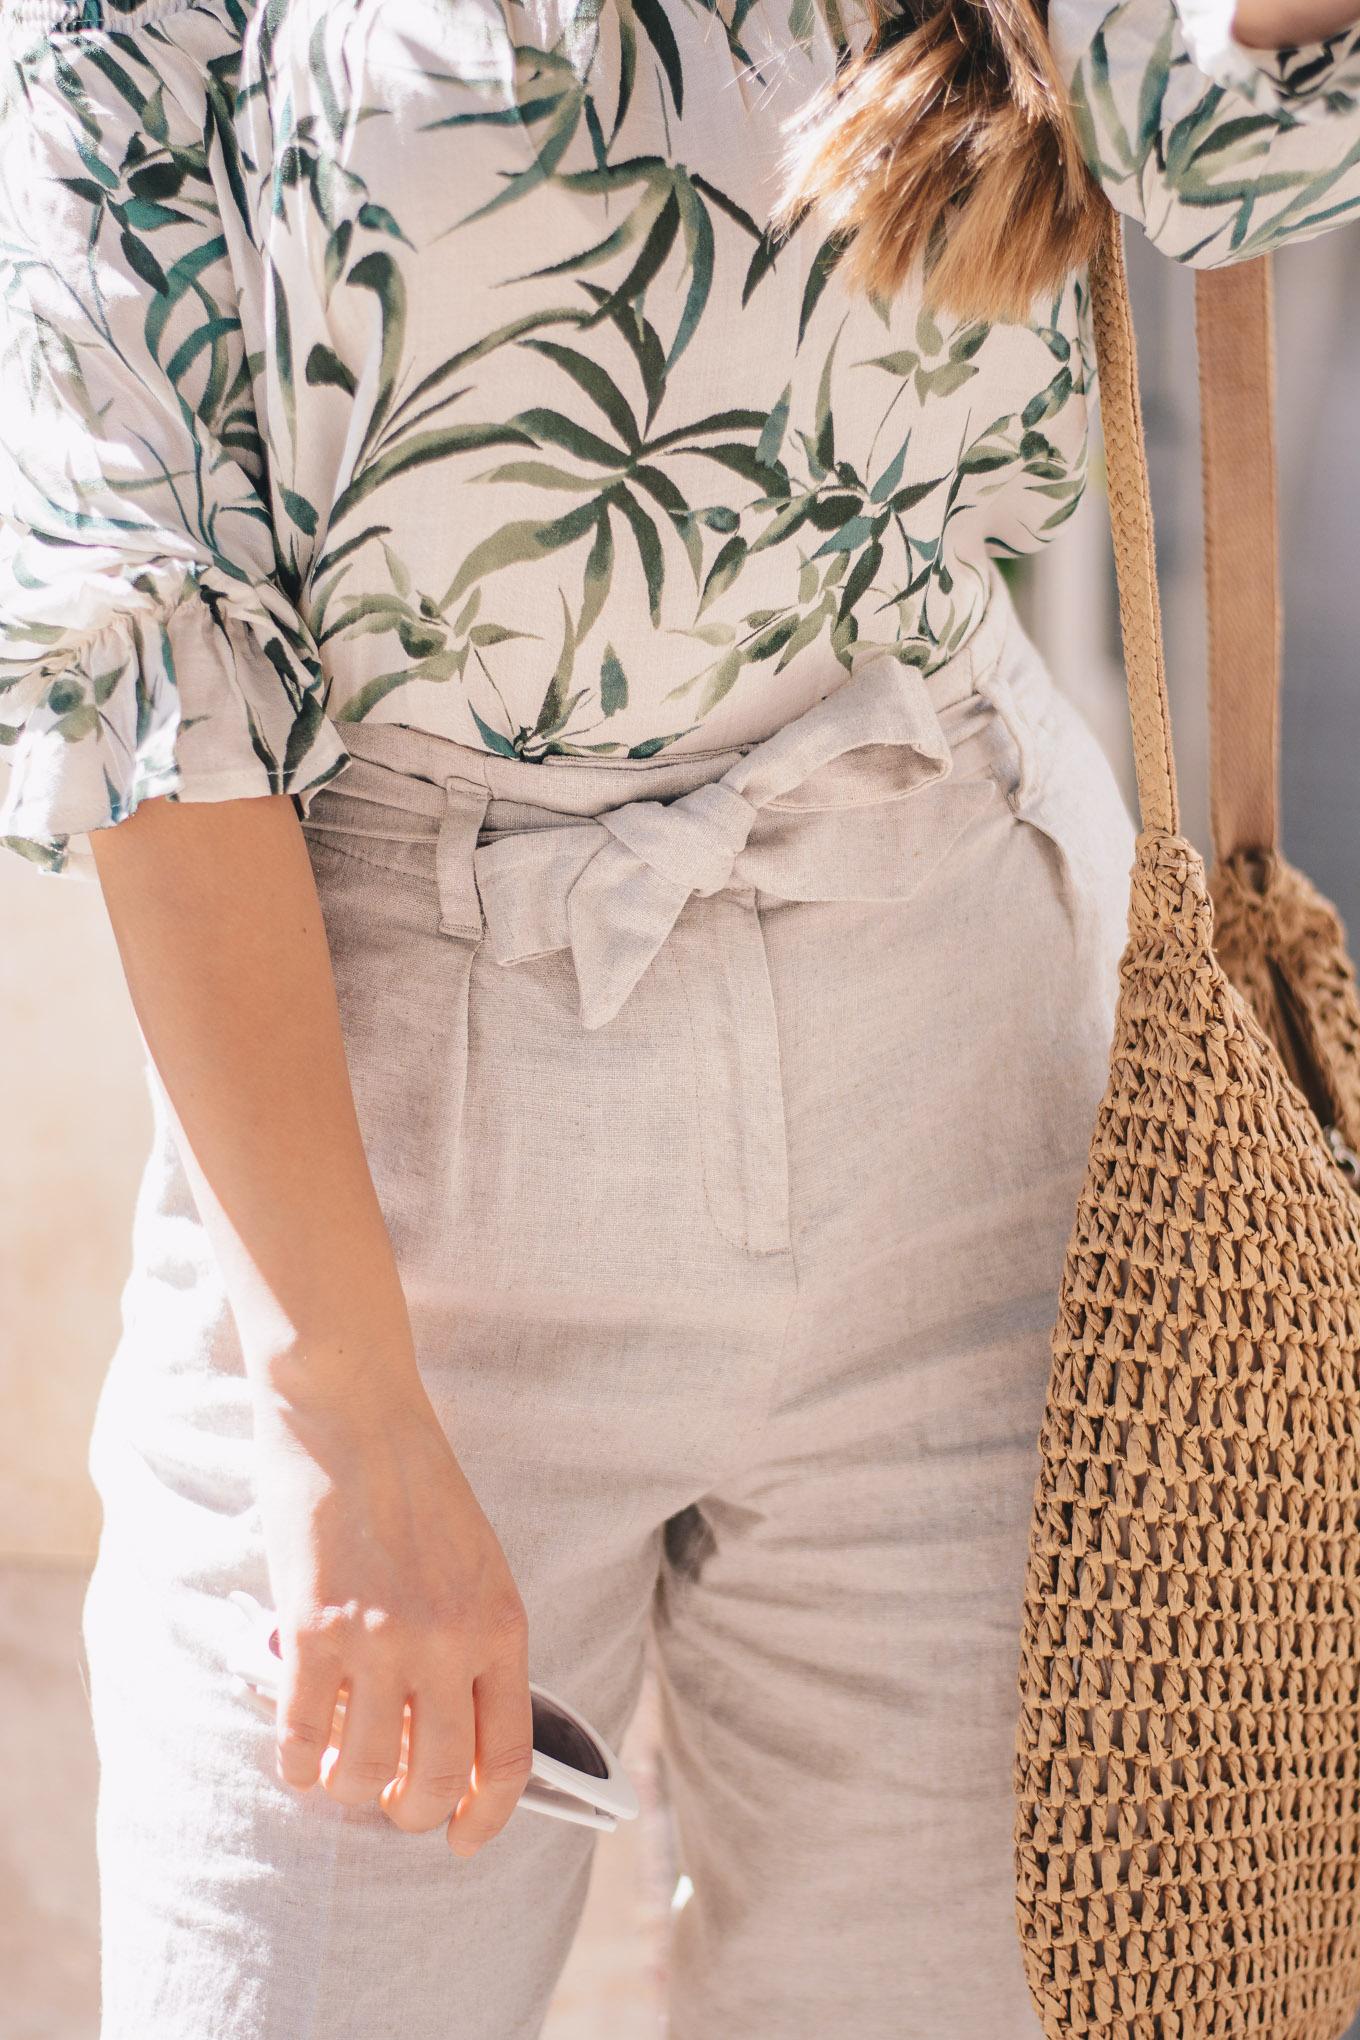 Esprit outfit details